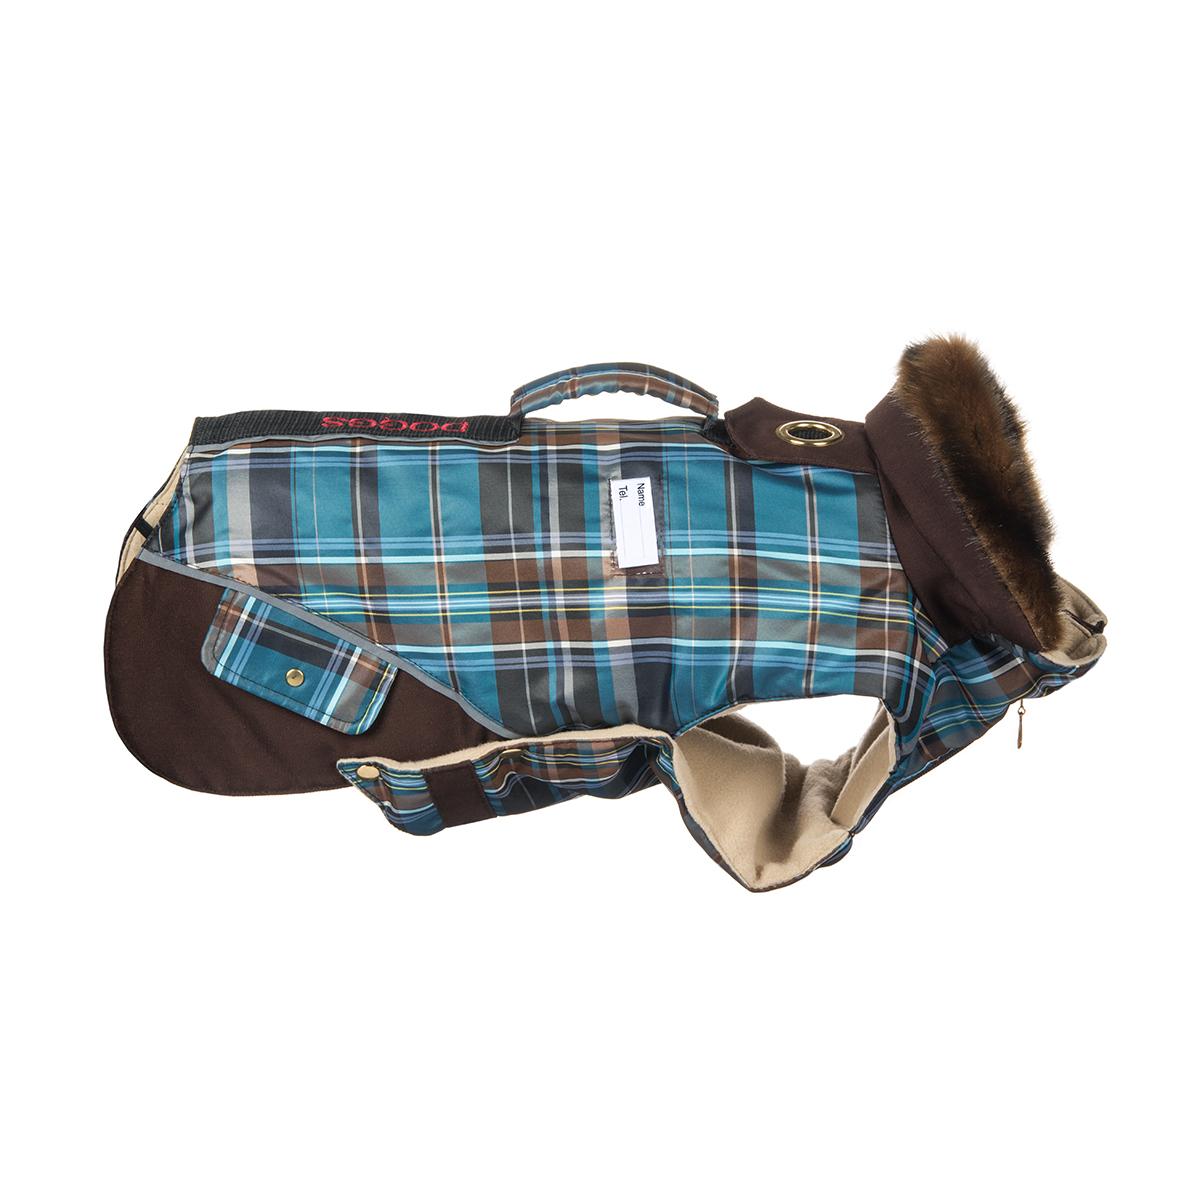 Попона для собак Dogmoda Doggs, для мальчика, цвет: синий, коричневый. Размер M комбинезоны для животных dogmoda комбинезон doggs active 70 сука